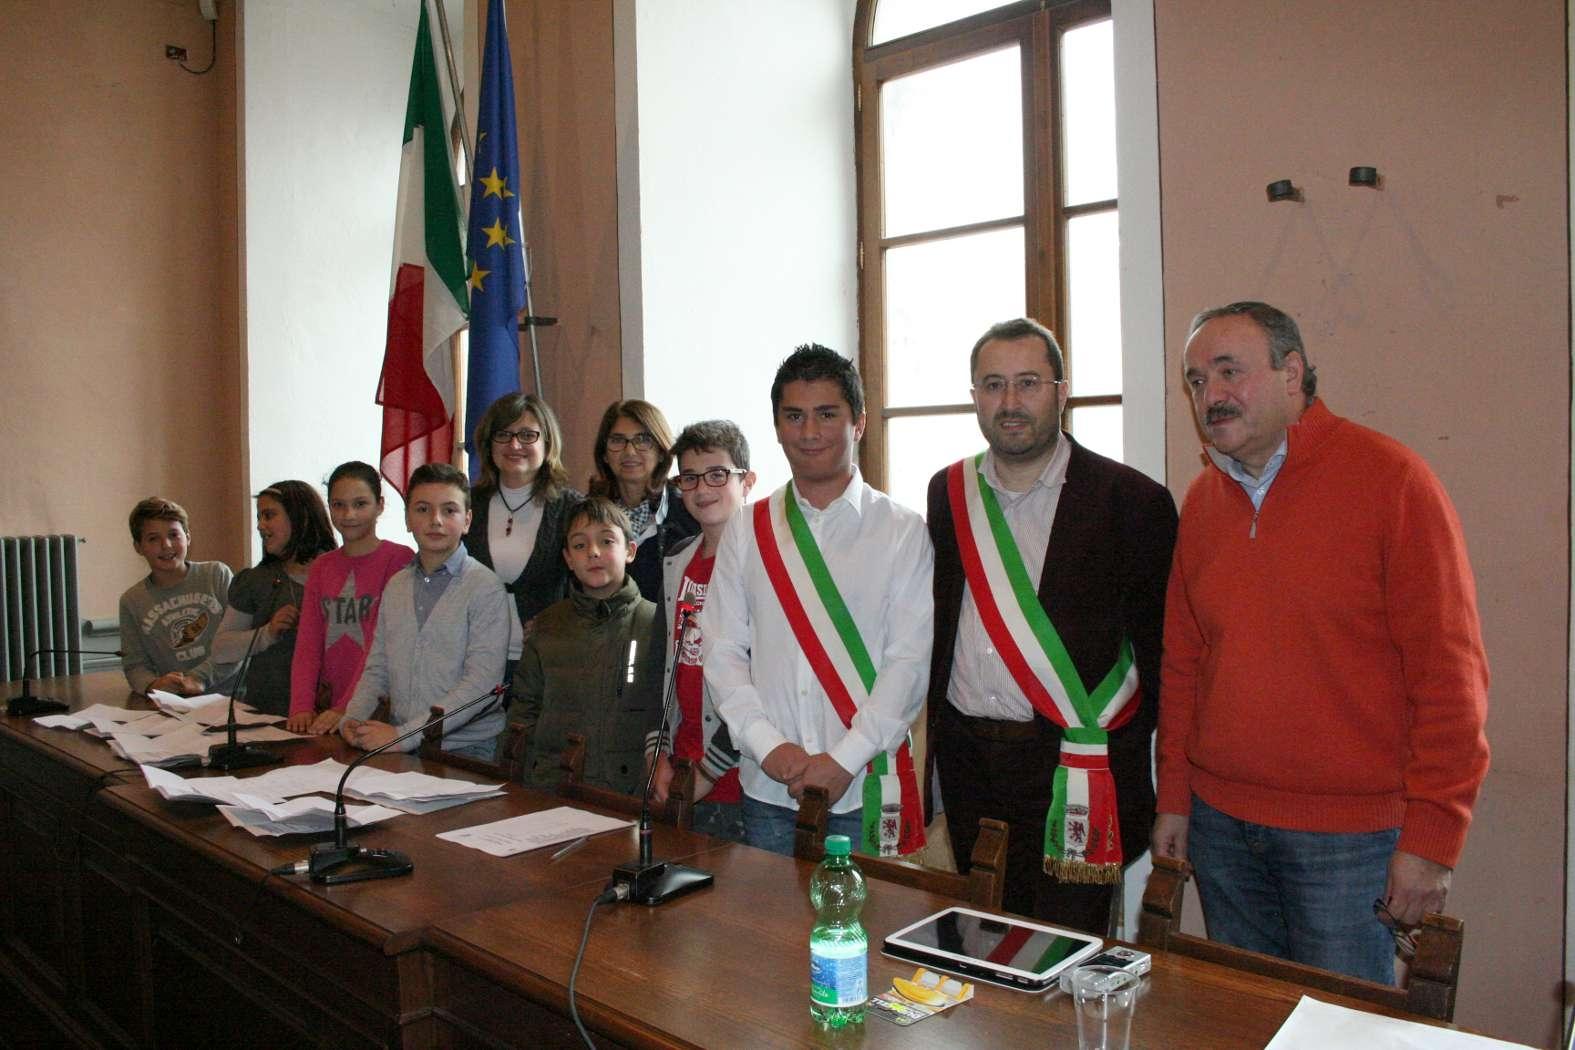 Eletto il nuovo Sindaco dei Ragazzi di Montepulciano